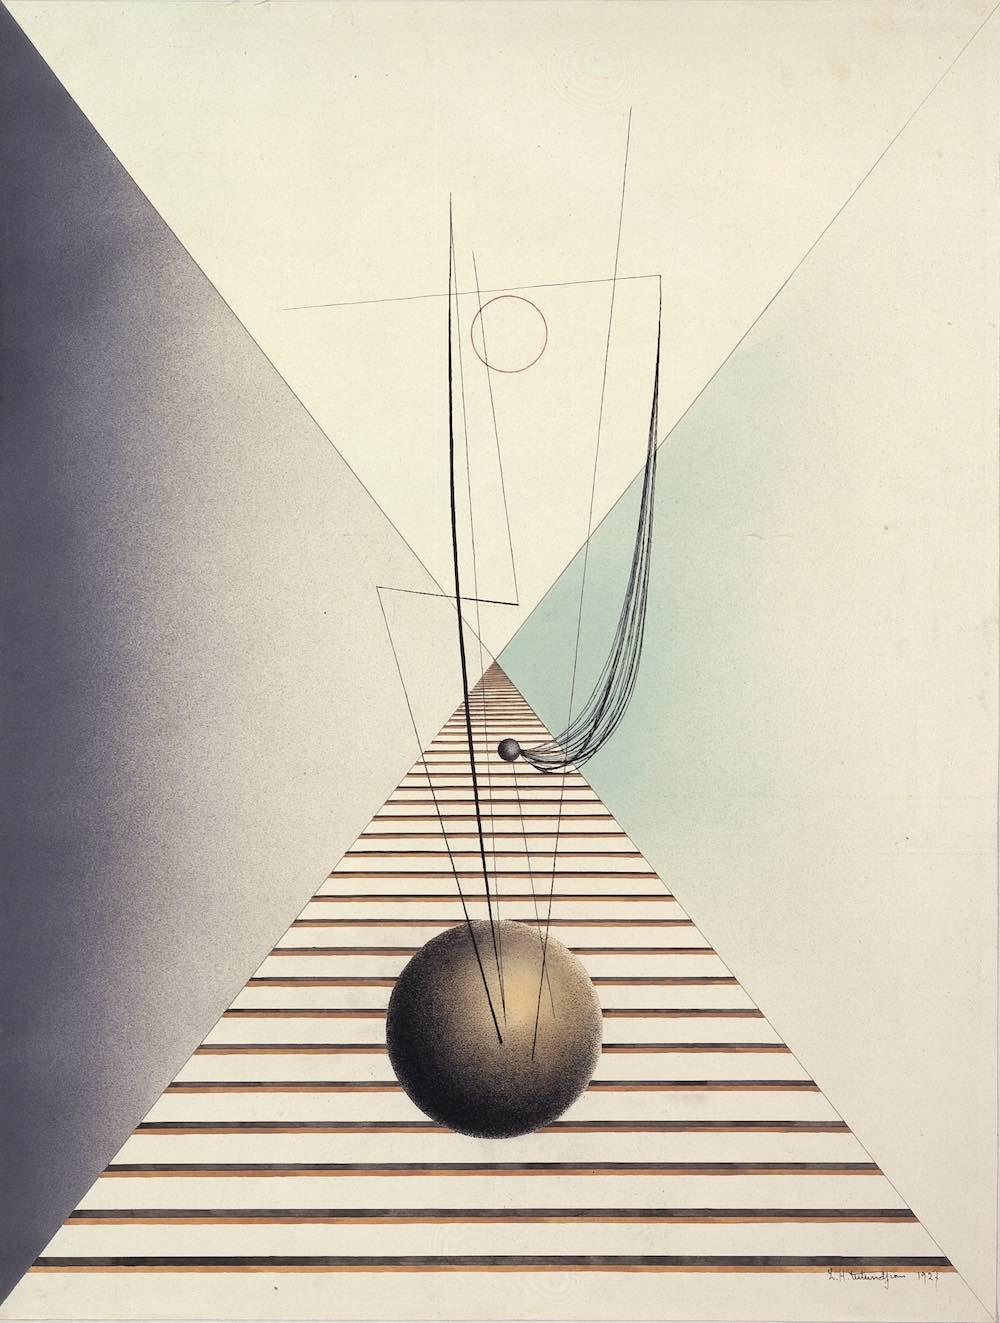 Sans titre, 1927, encre et aquarelle sur papier, 64 x 49,5 cm